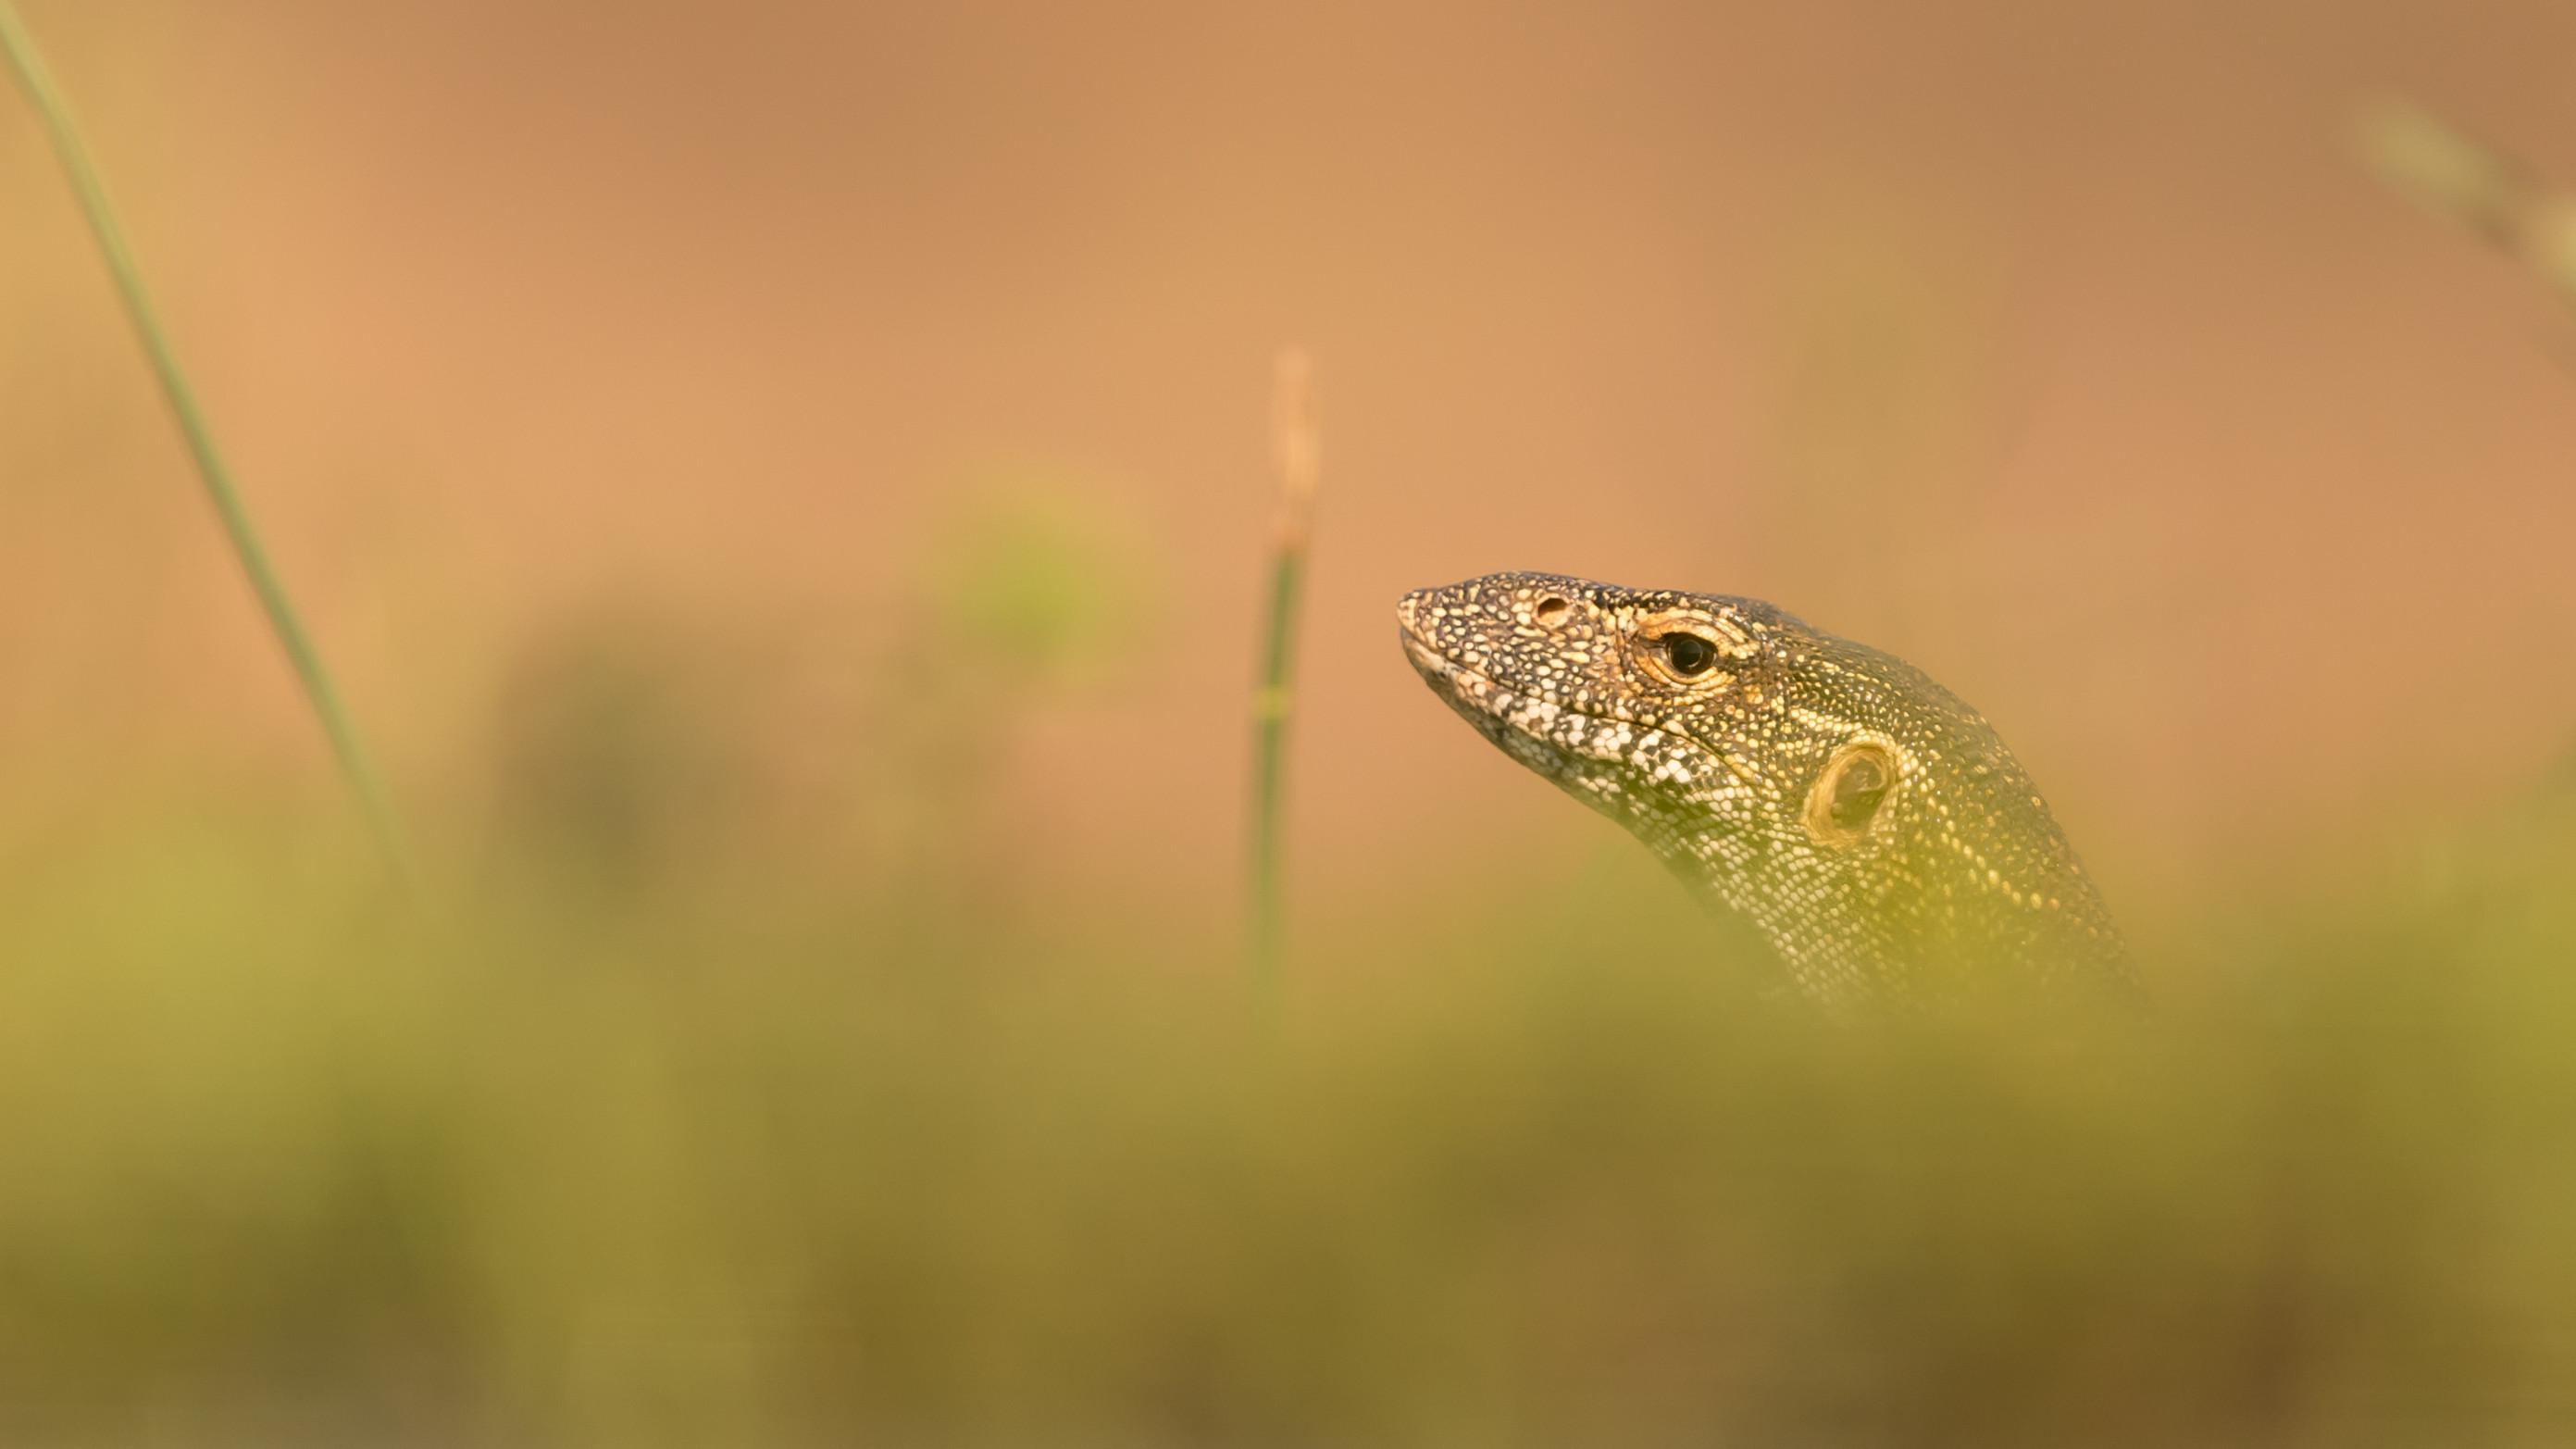 wildlife zimanga 9888